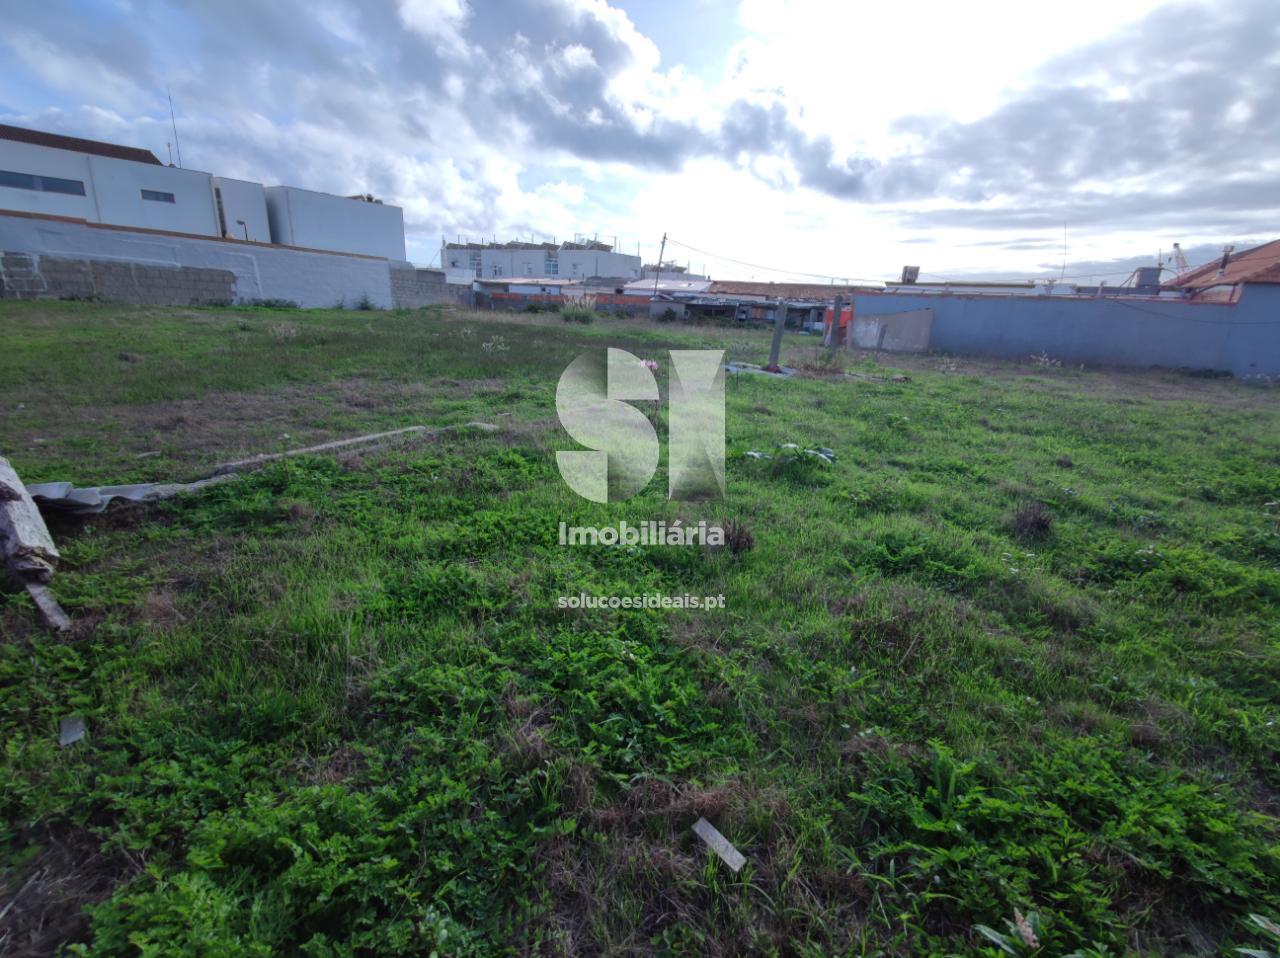 terreno para compra em matosinhos uniao das freguesias de perafita lavra e santa cruz do bispo MCTRG18